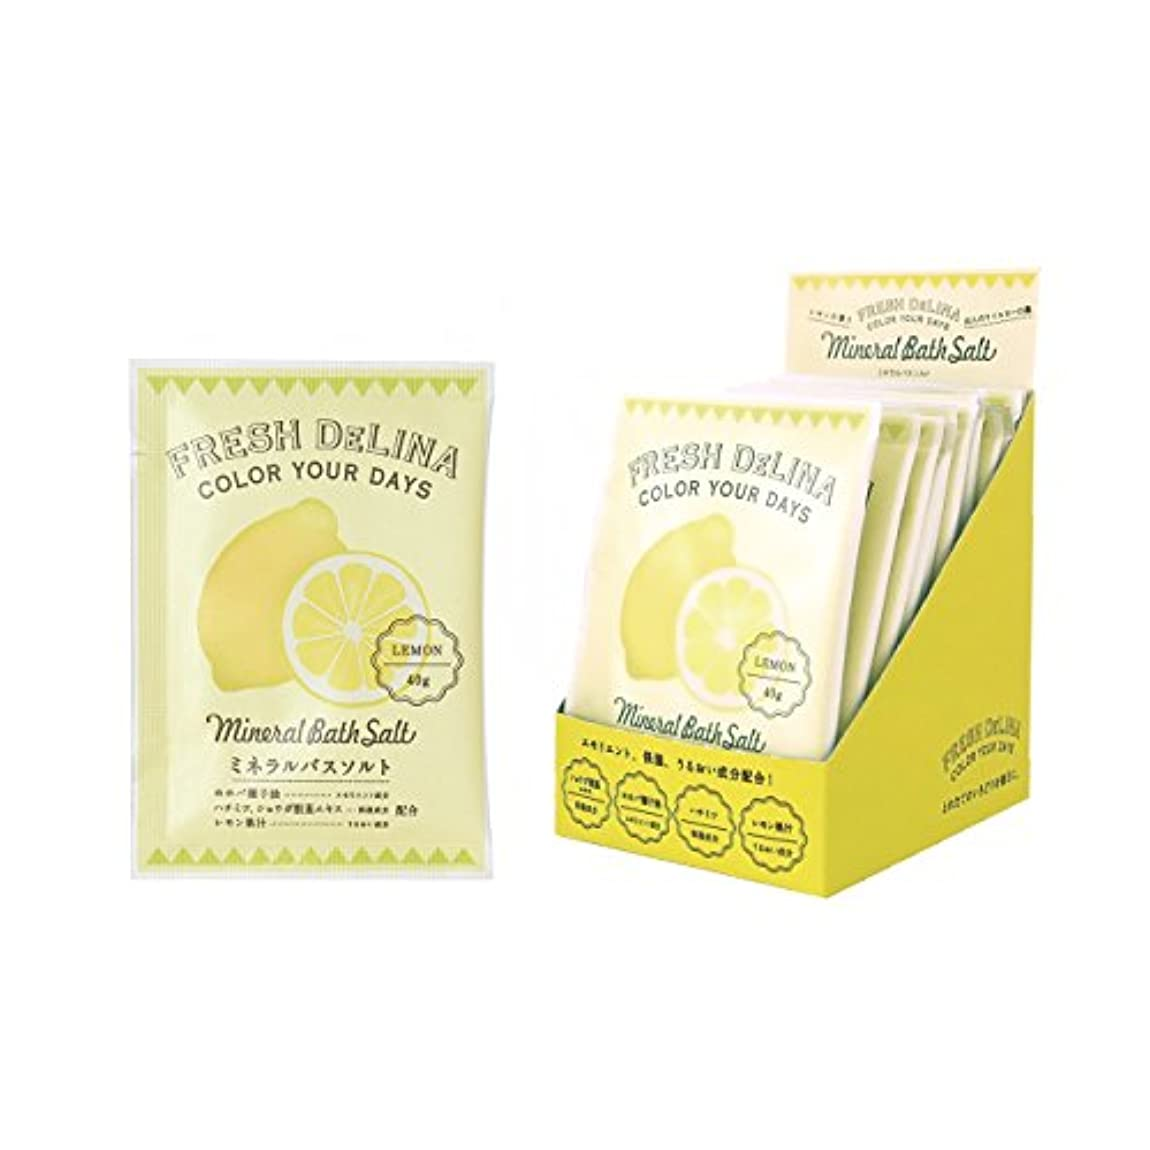 スモッグ否認するブラケットフレッシュデリーナ ミネラルバスソルト40g(レモン) 12個 (海塩タイプ入浴料 日本製 どこかなつかしいフレッシュなレモンの香り)